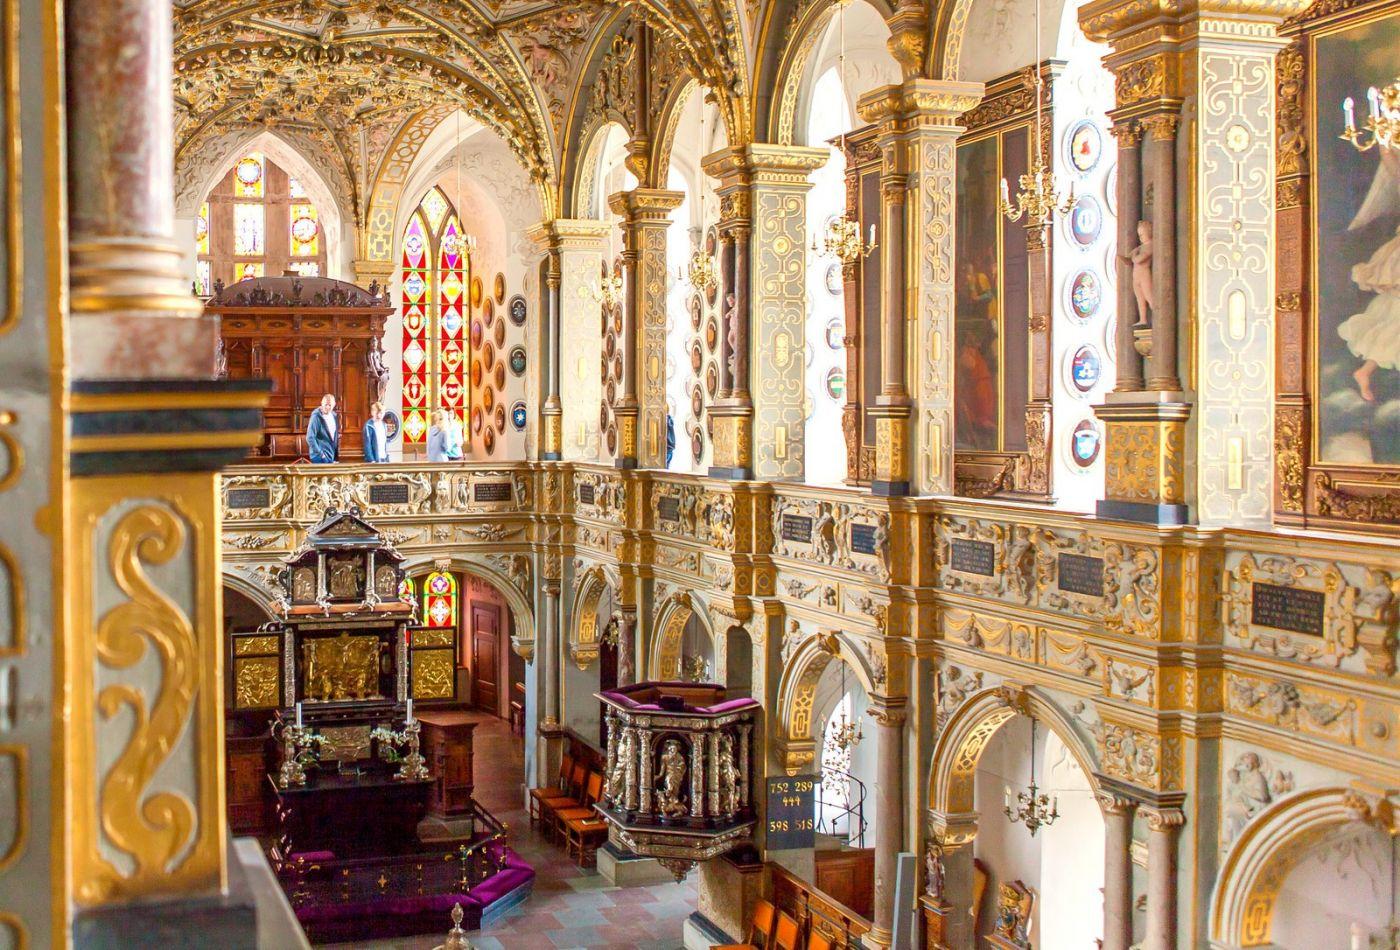 丹麦腓特烈堡城堡,很惊叹主厅吊顶_图1-7